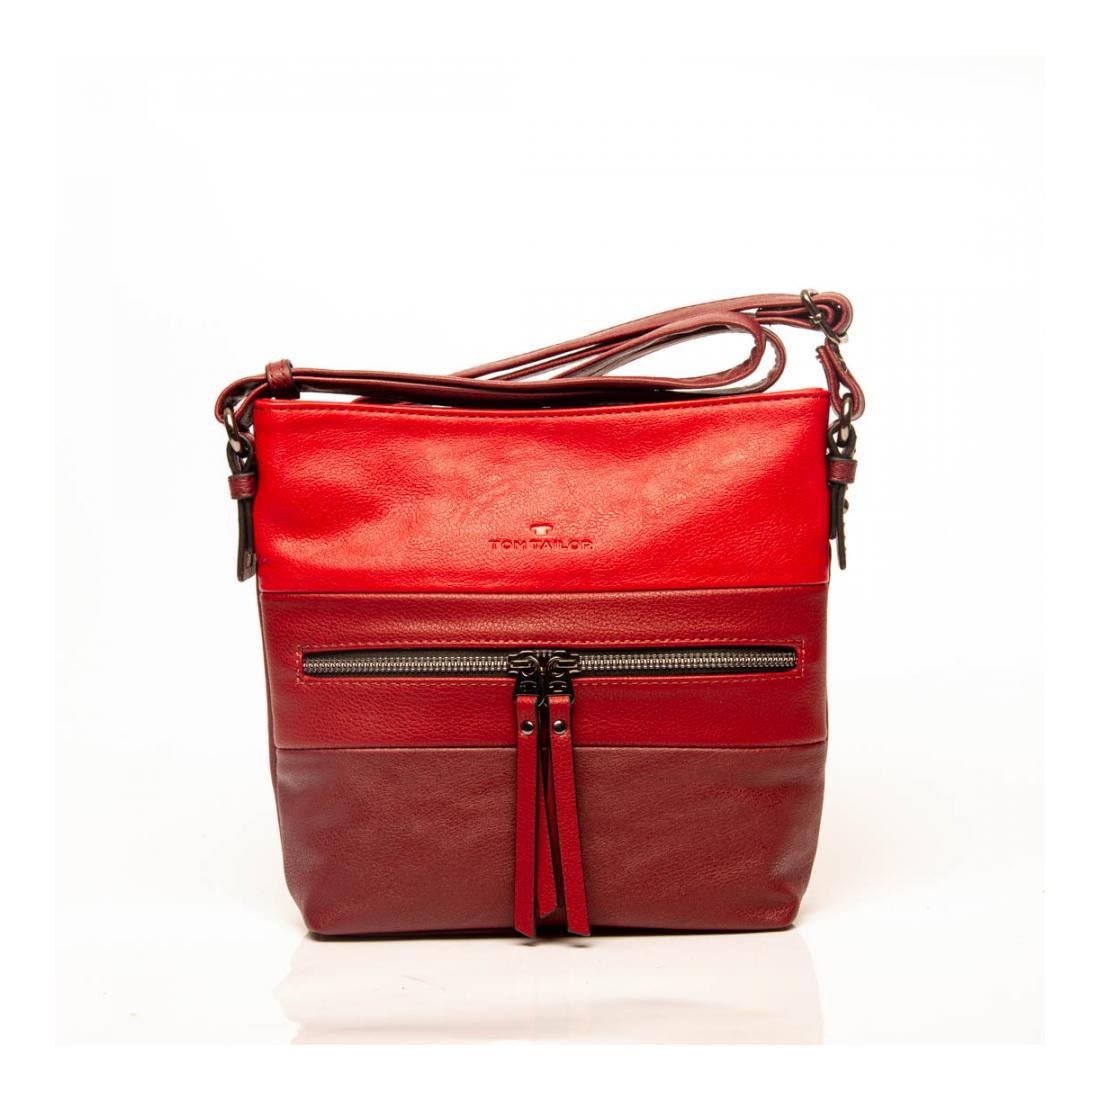 Tom Tailor Tasche Ellen cross bag